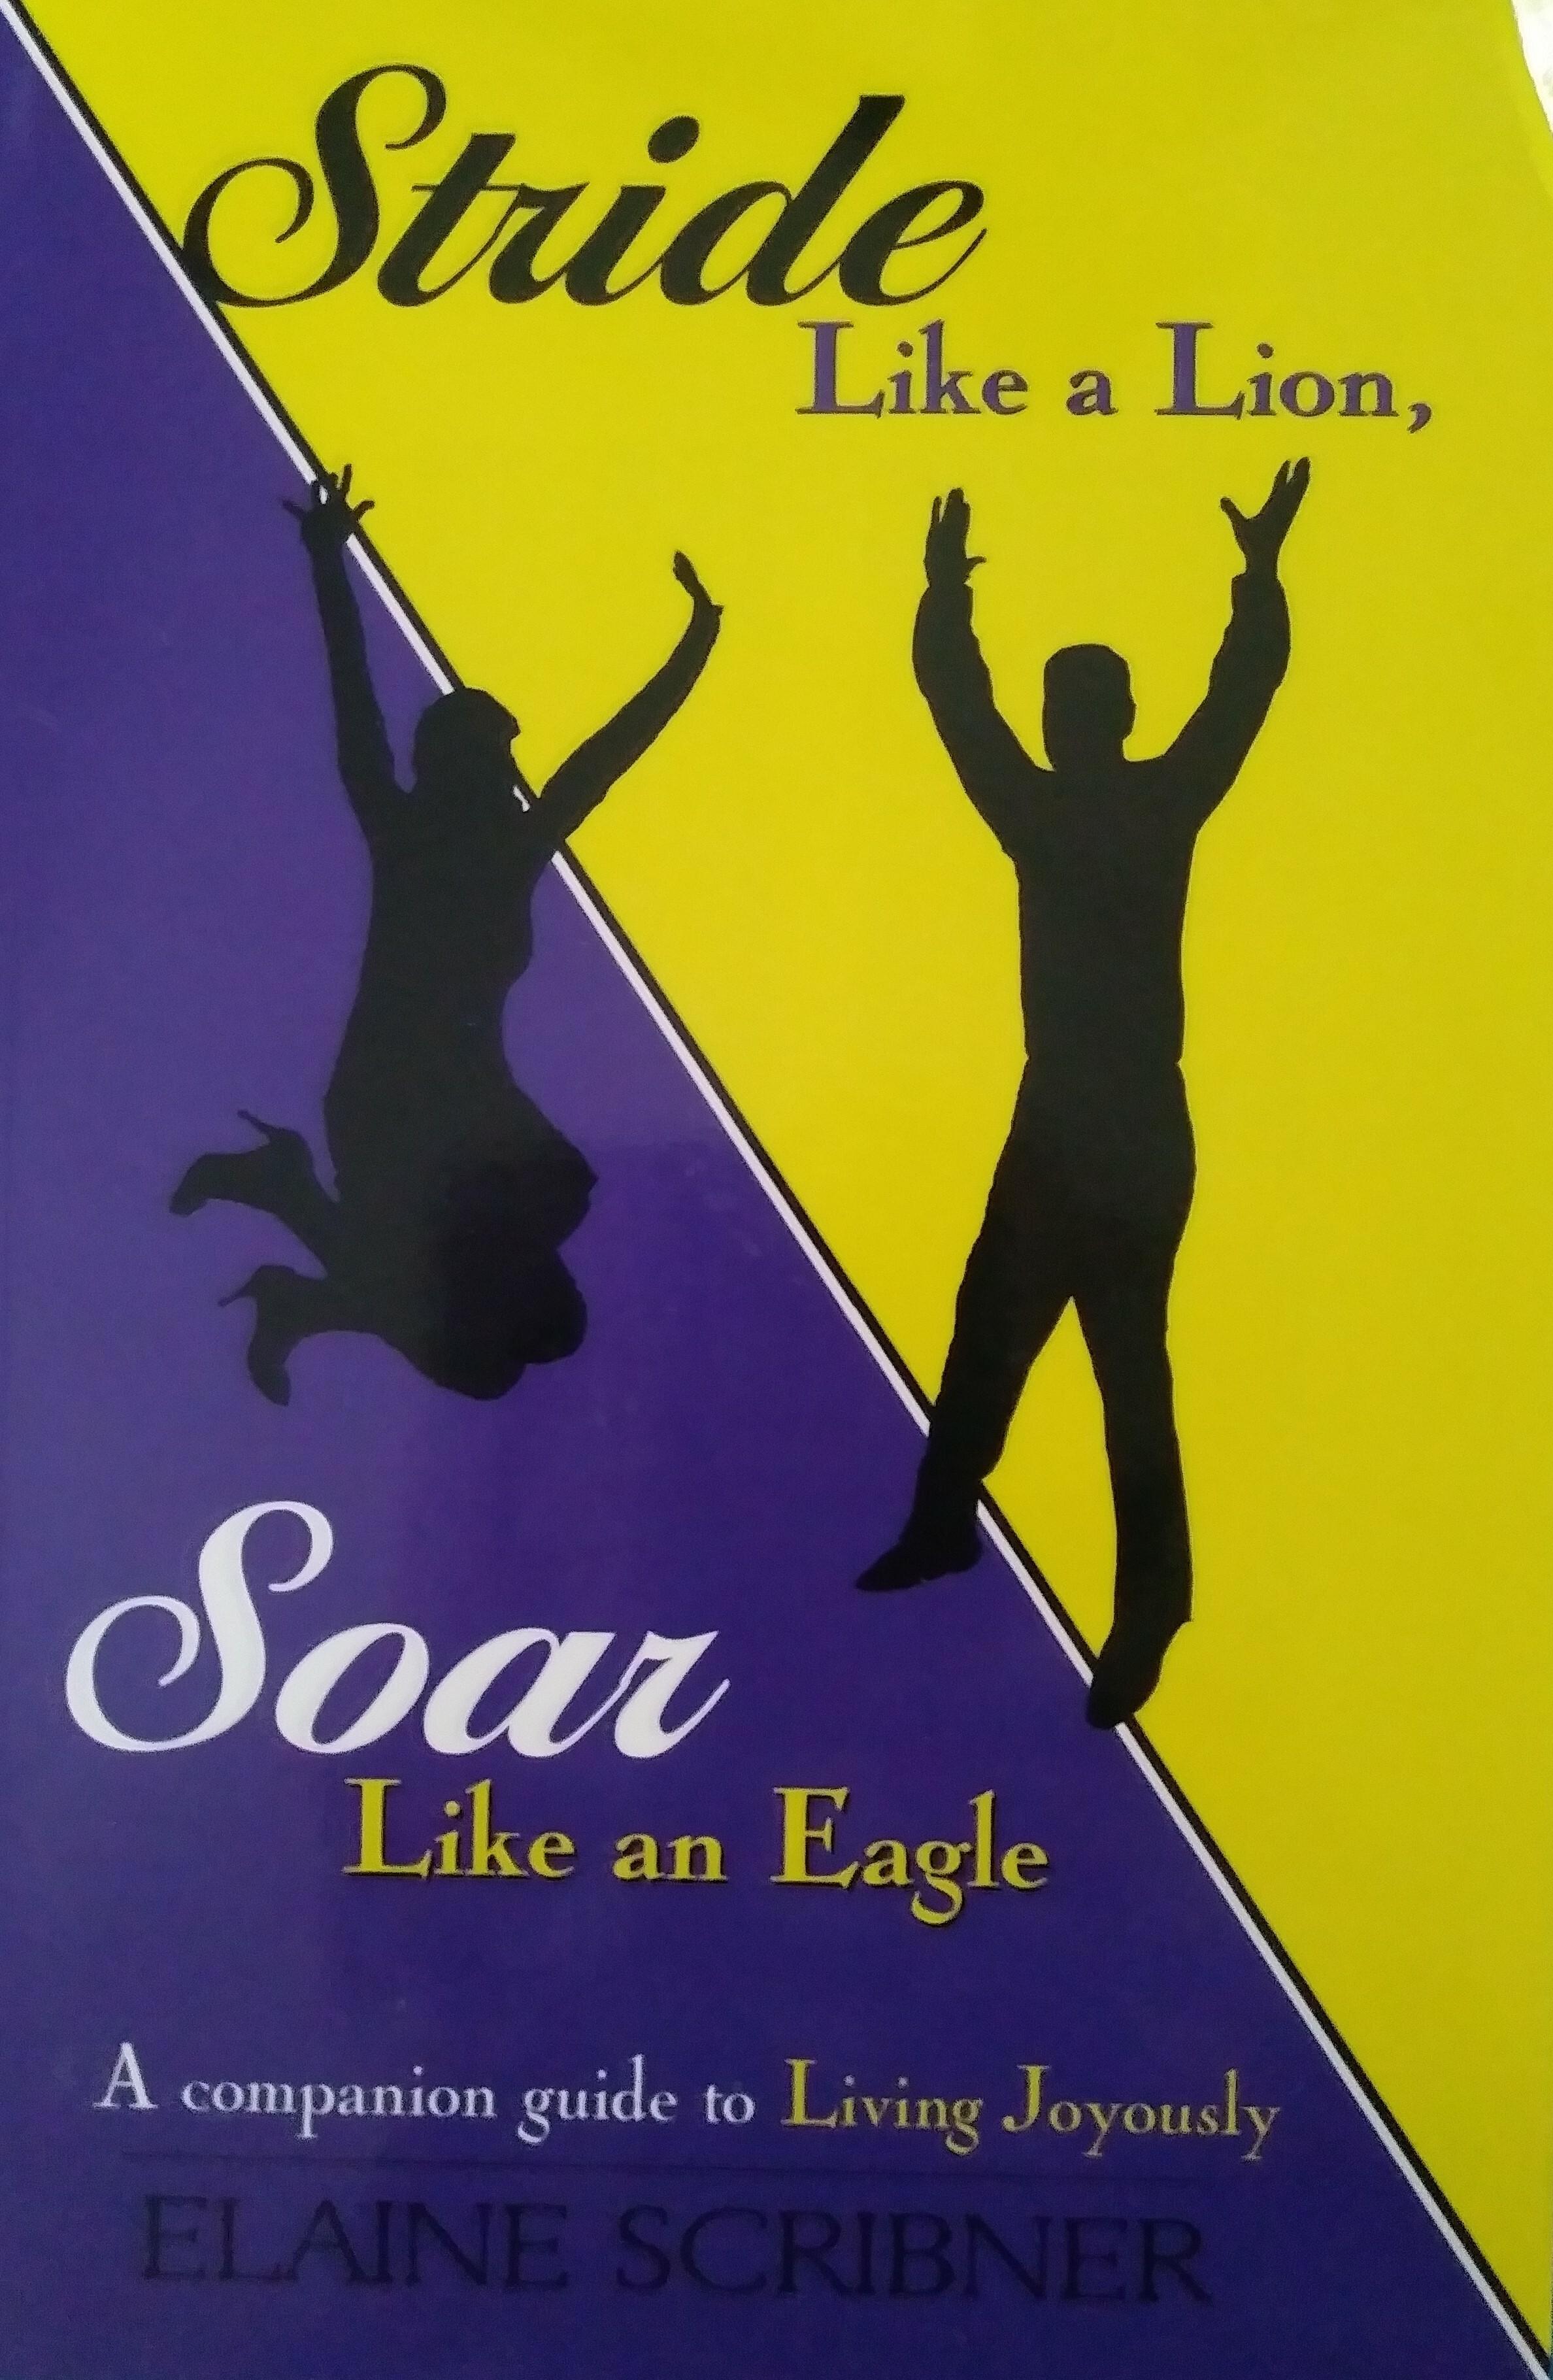 Stride Like a Lion, Soar Like an Eagle 00004